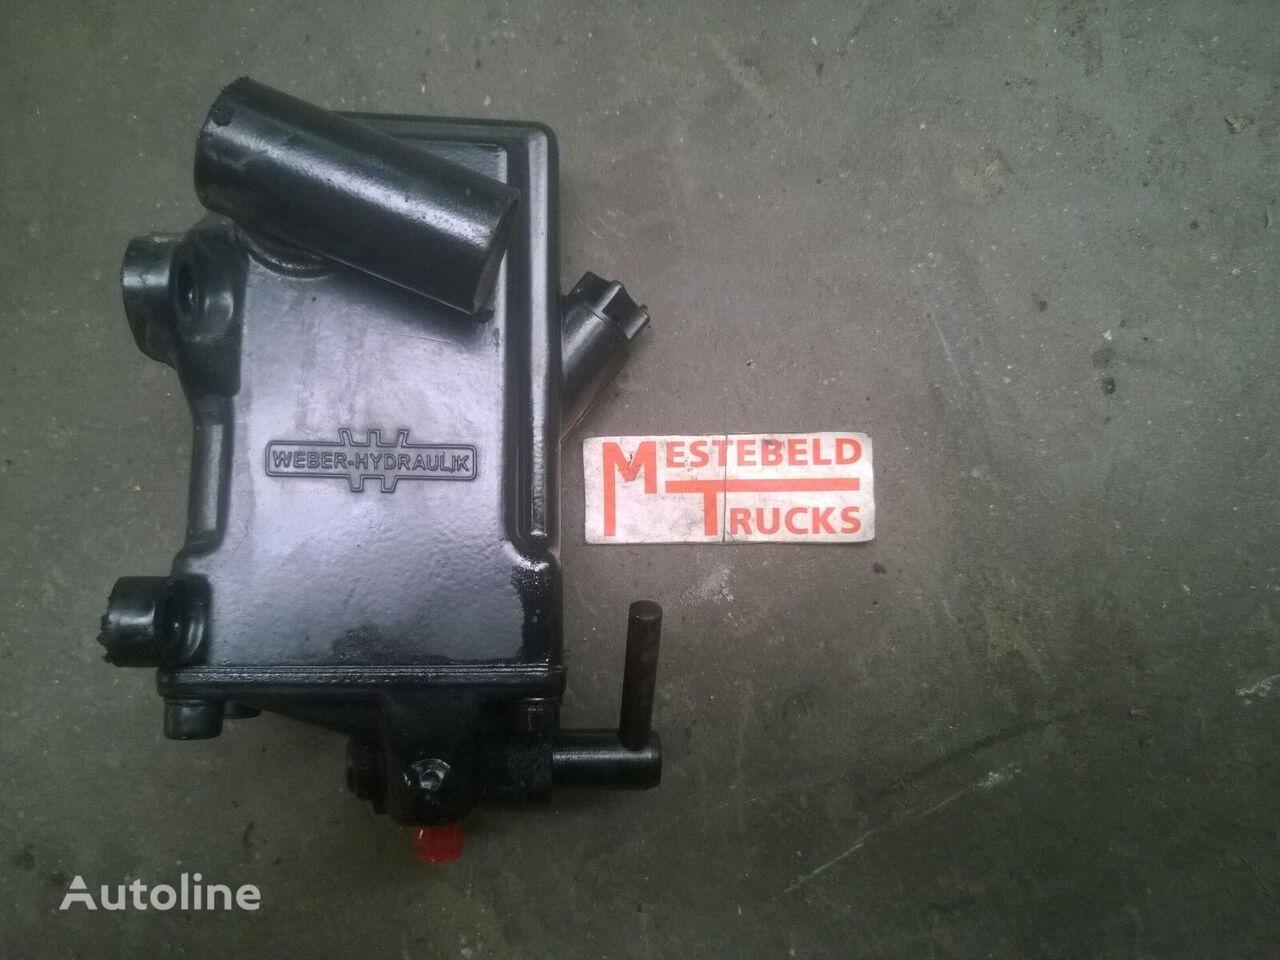 Cabine kantelcilinder pièces de rechange pour RENAULT Cabine kantelcilinder Midlum tracteur routier